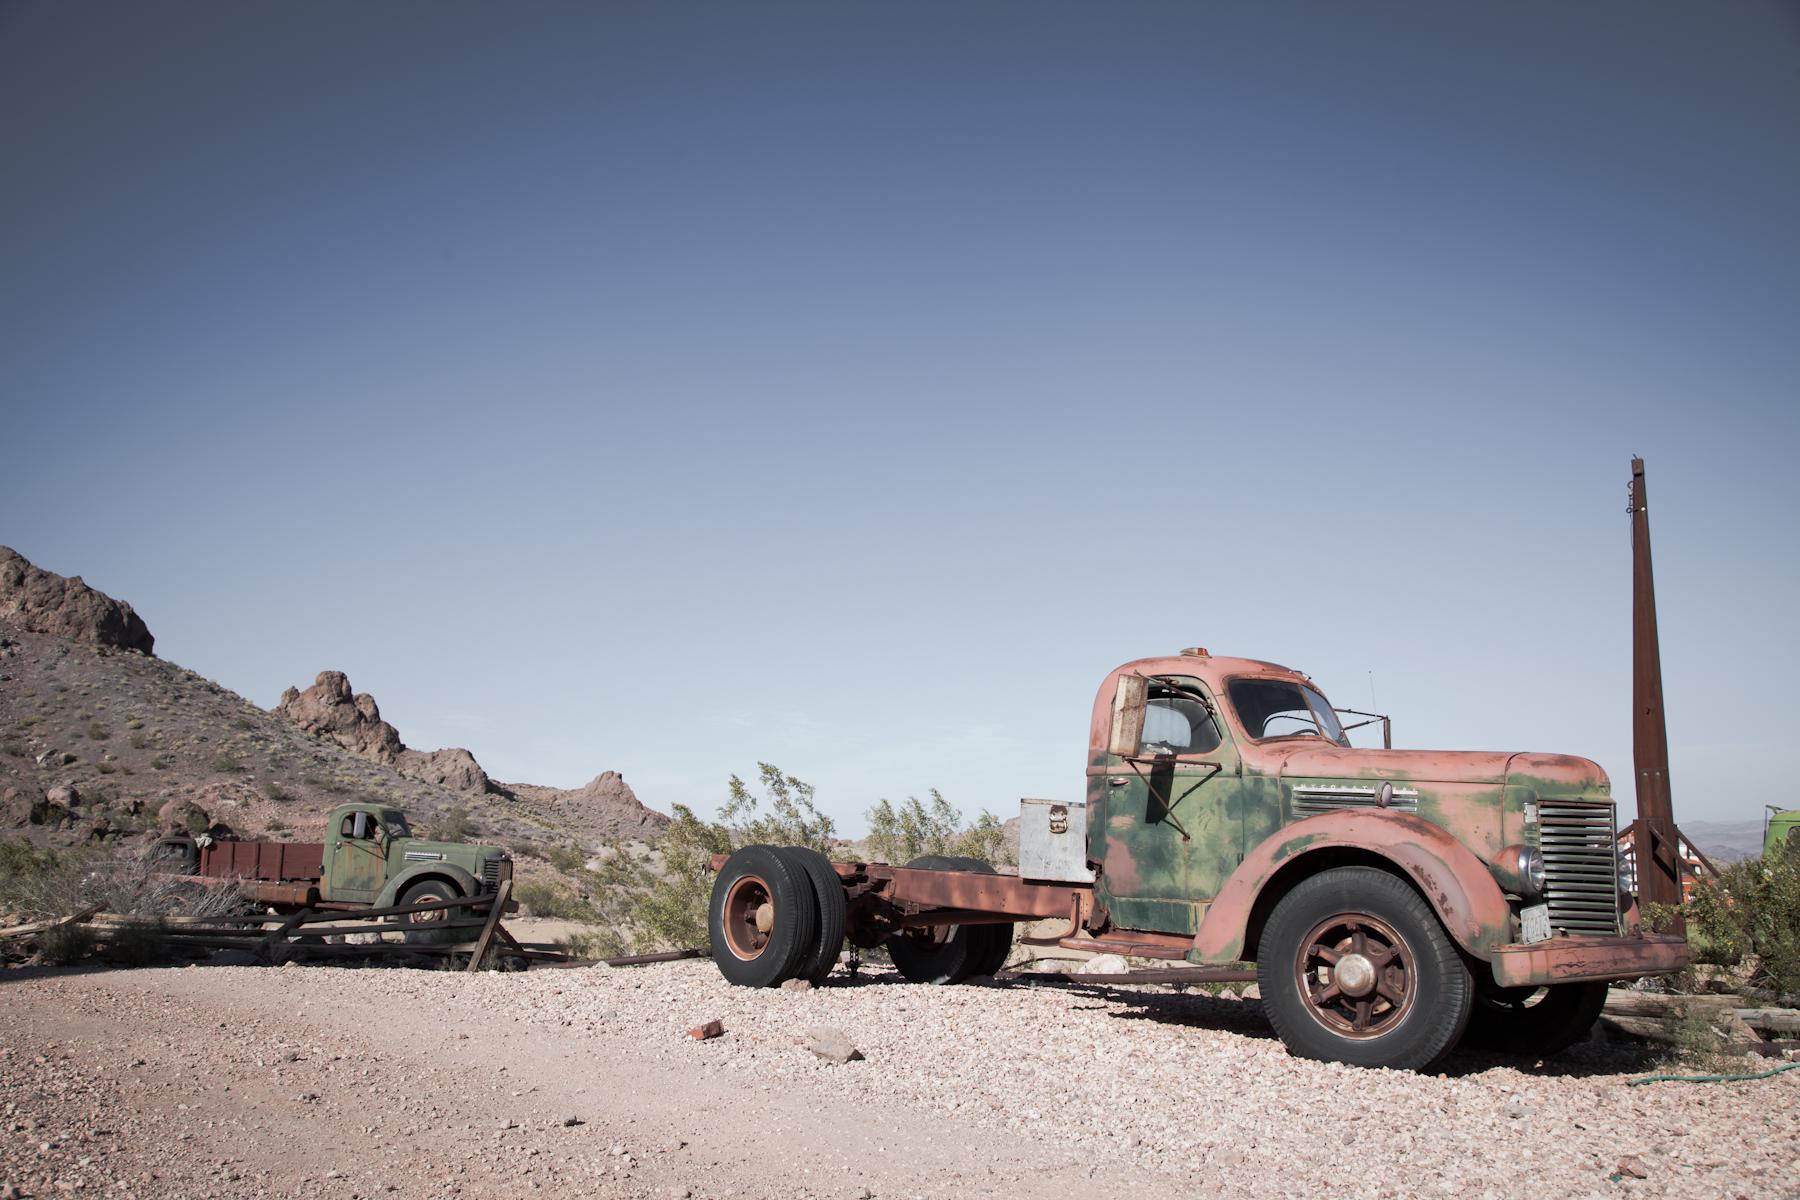 NevadaAbandoned-1.jpg